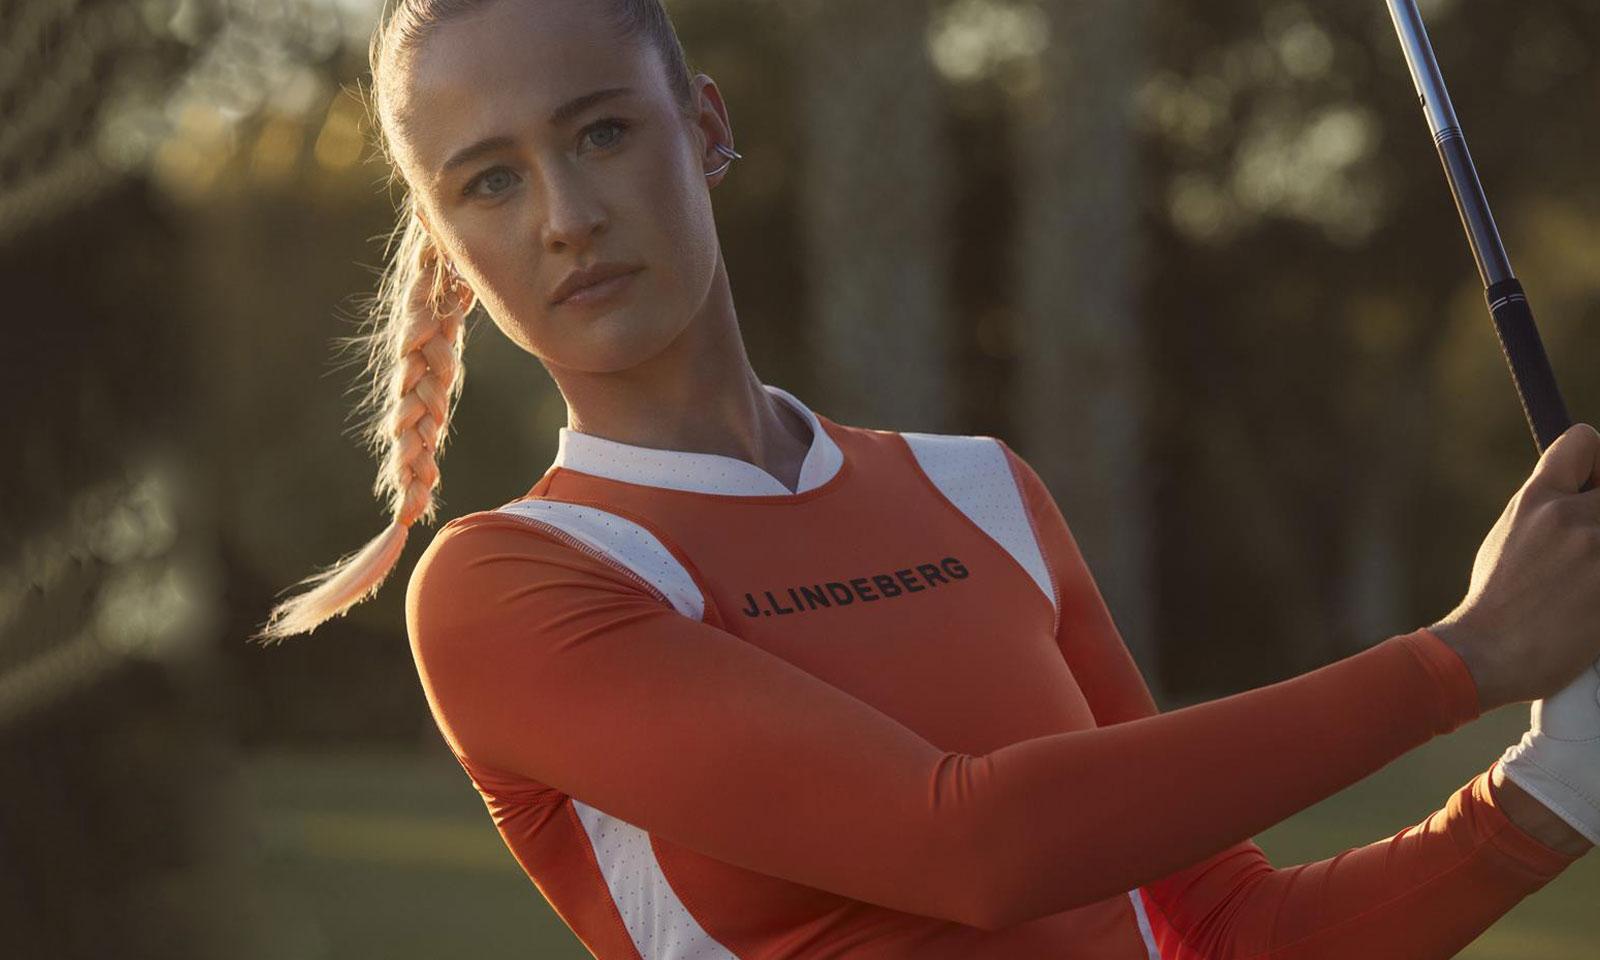 Top Ranked Womens Golfer Nelly Korda Headlines Elite Field in 2021 Founders Cup hero